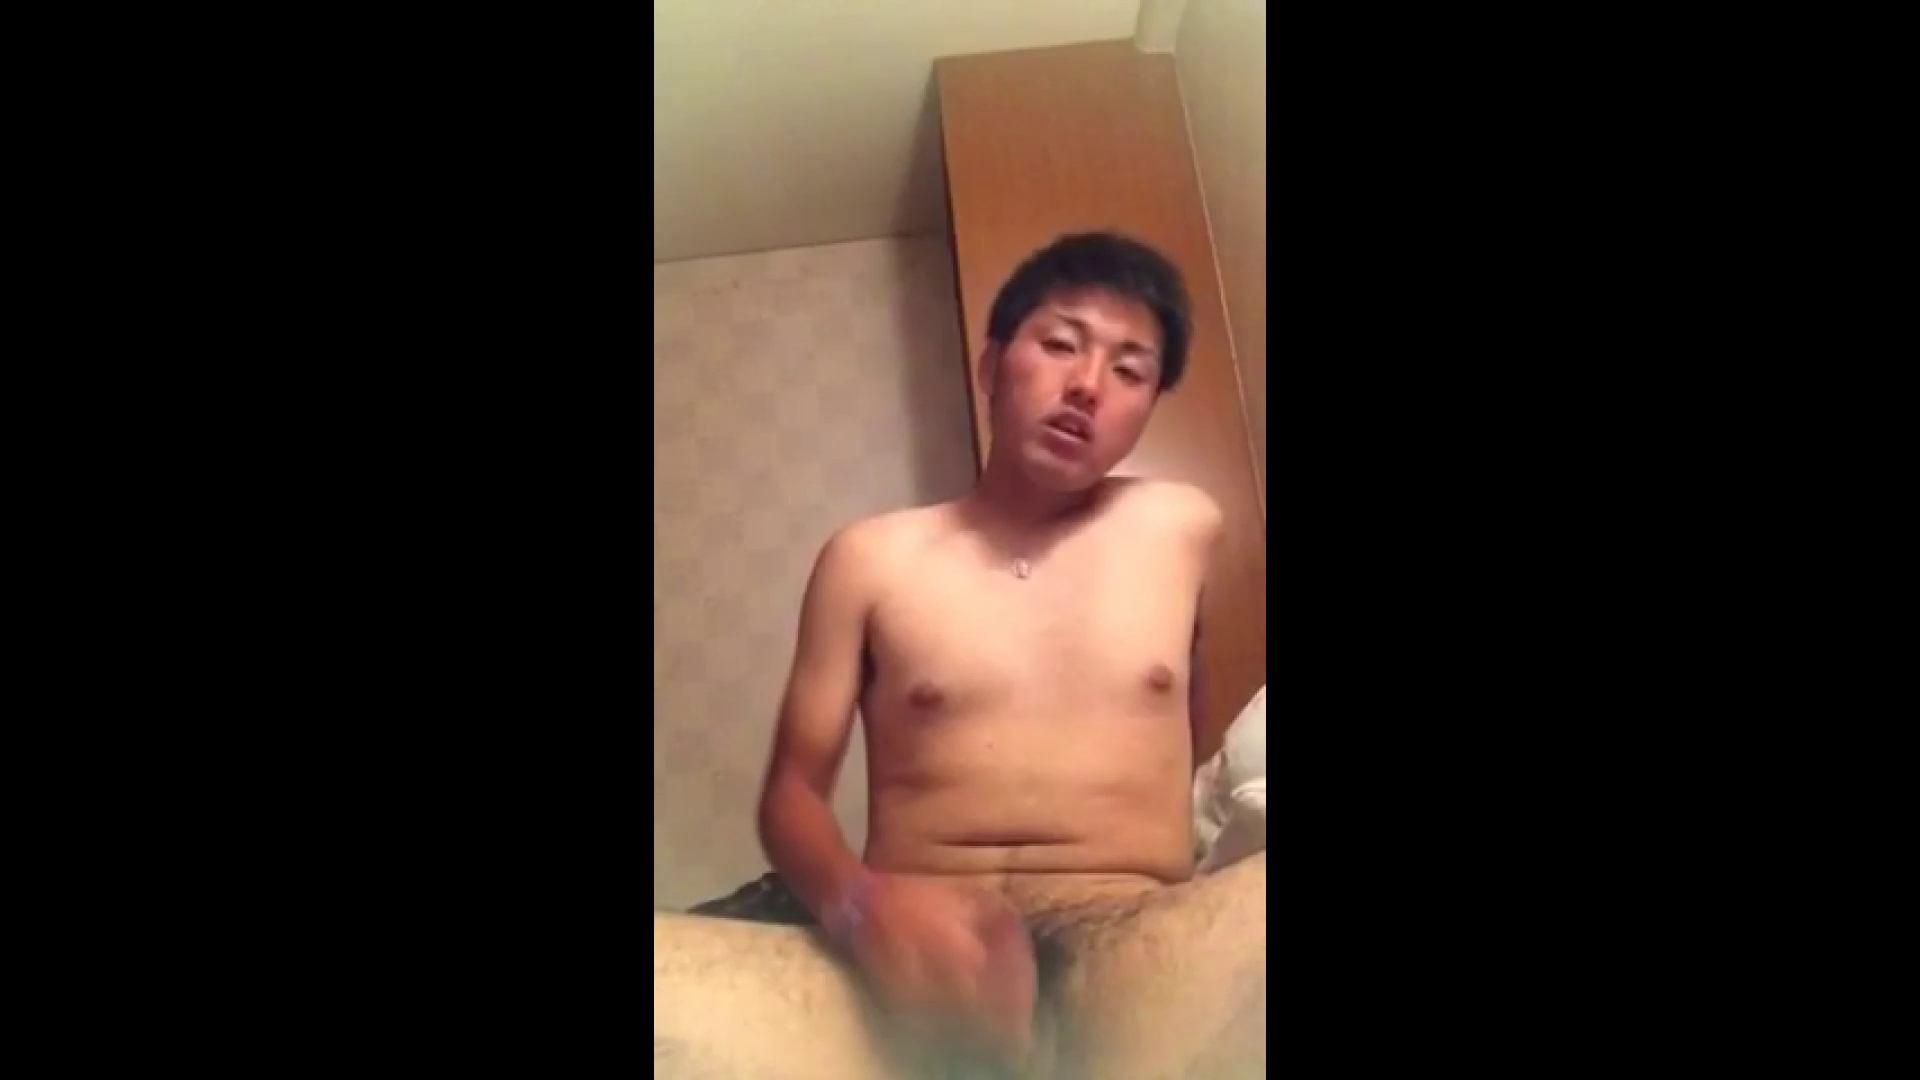 キター!ノンケちゃんオナニー特集vol.29 ノンケ天国 ゲイアダルト画像 107pic 48